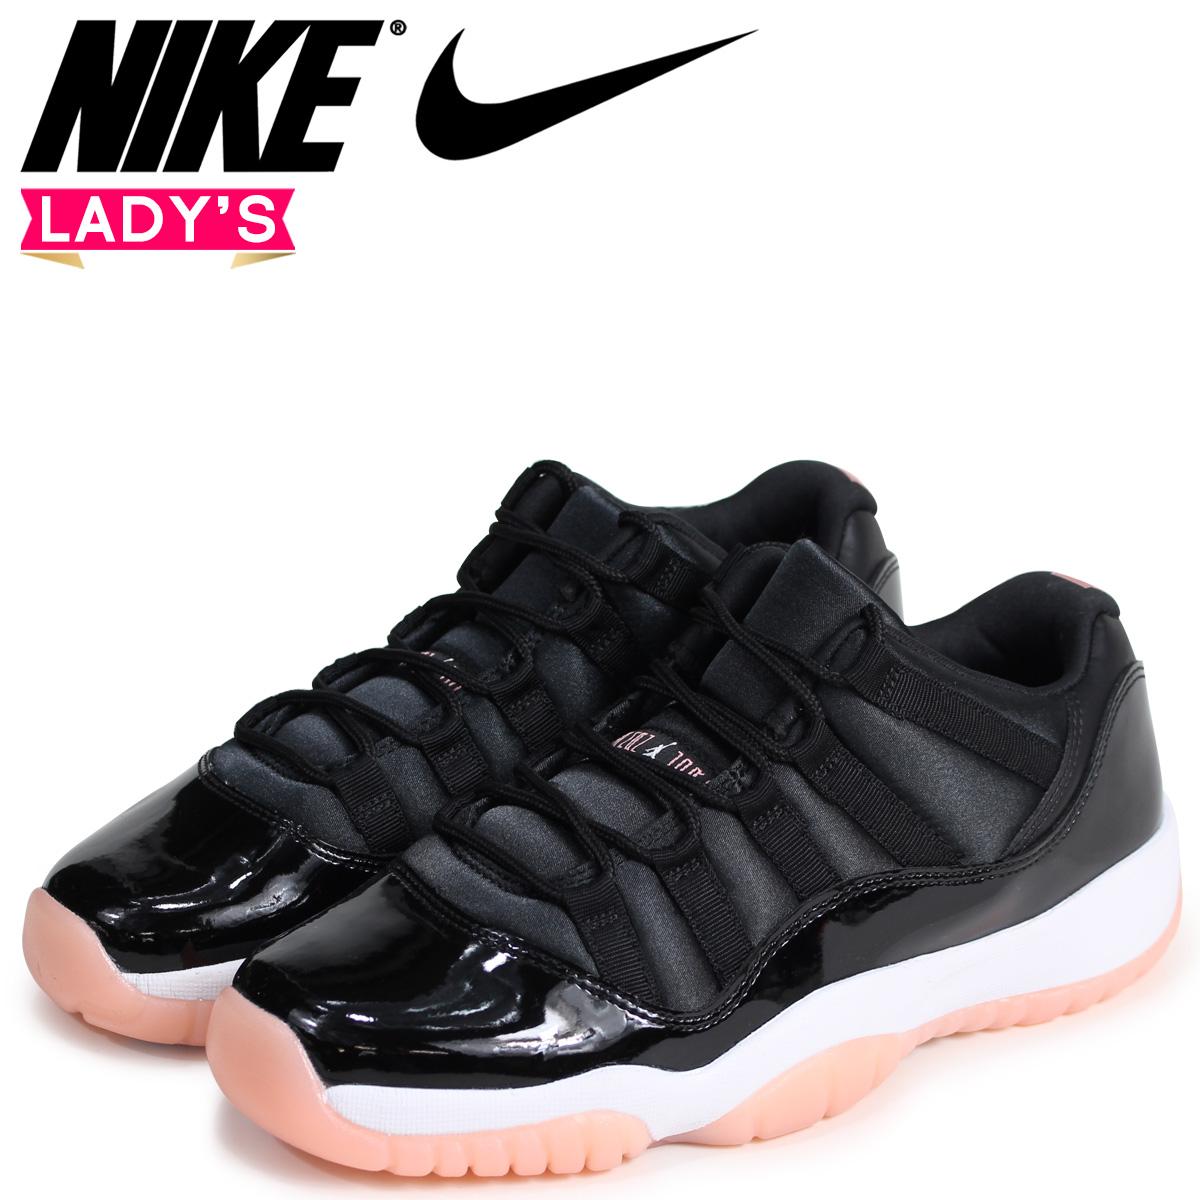 5bae33d21005 NIKE Nike Air Jordan 11 Lady s sneakers AIR JORDAN 11 RETRO LOW GG 580